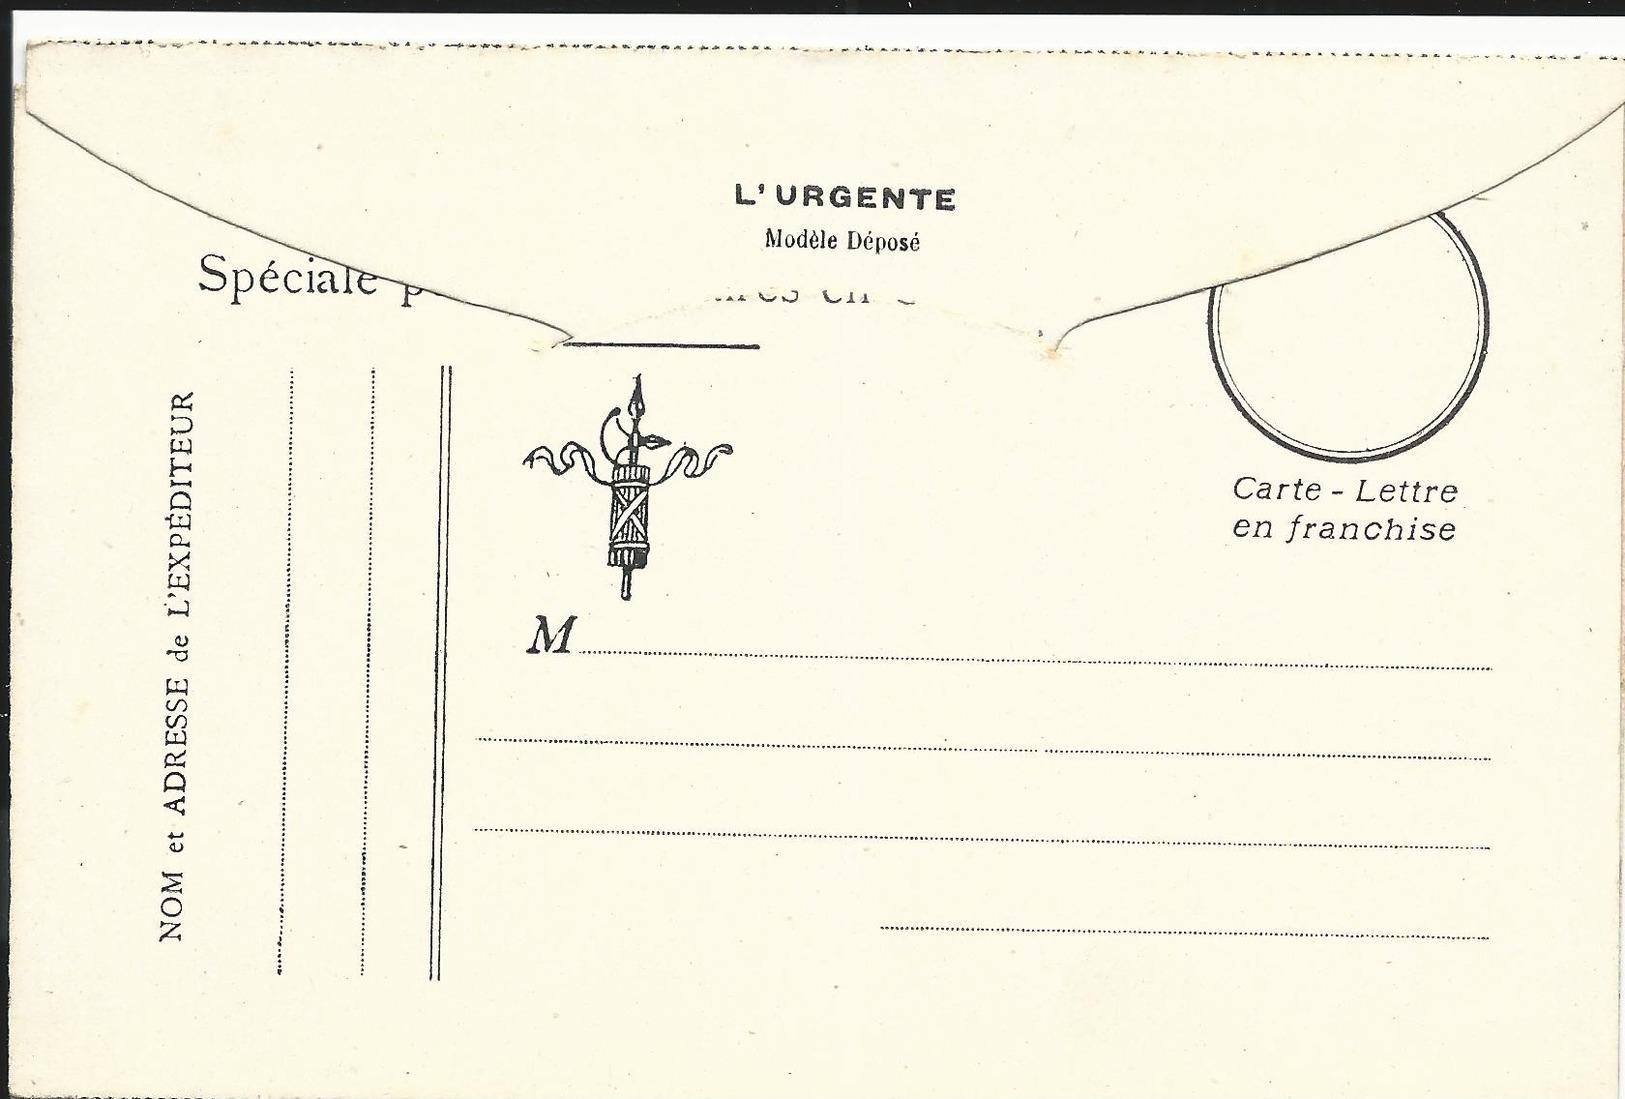 CARTE EN FRANCHISE MILITAIRE  - CARTE DOUBLE (25)  - NON ECRITE - TRES BON ETAT - Cartes De Franchise Militaire